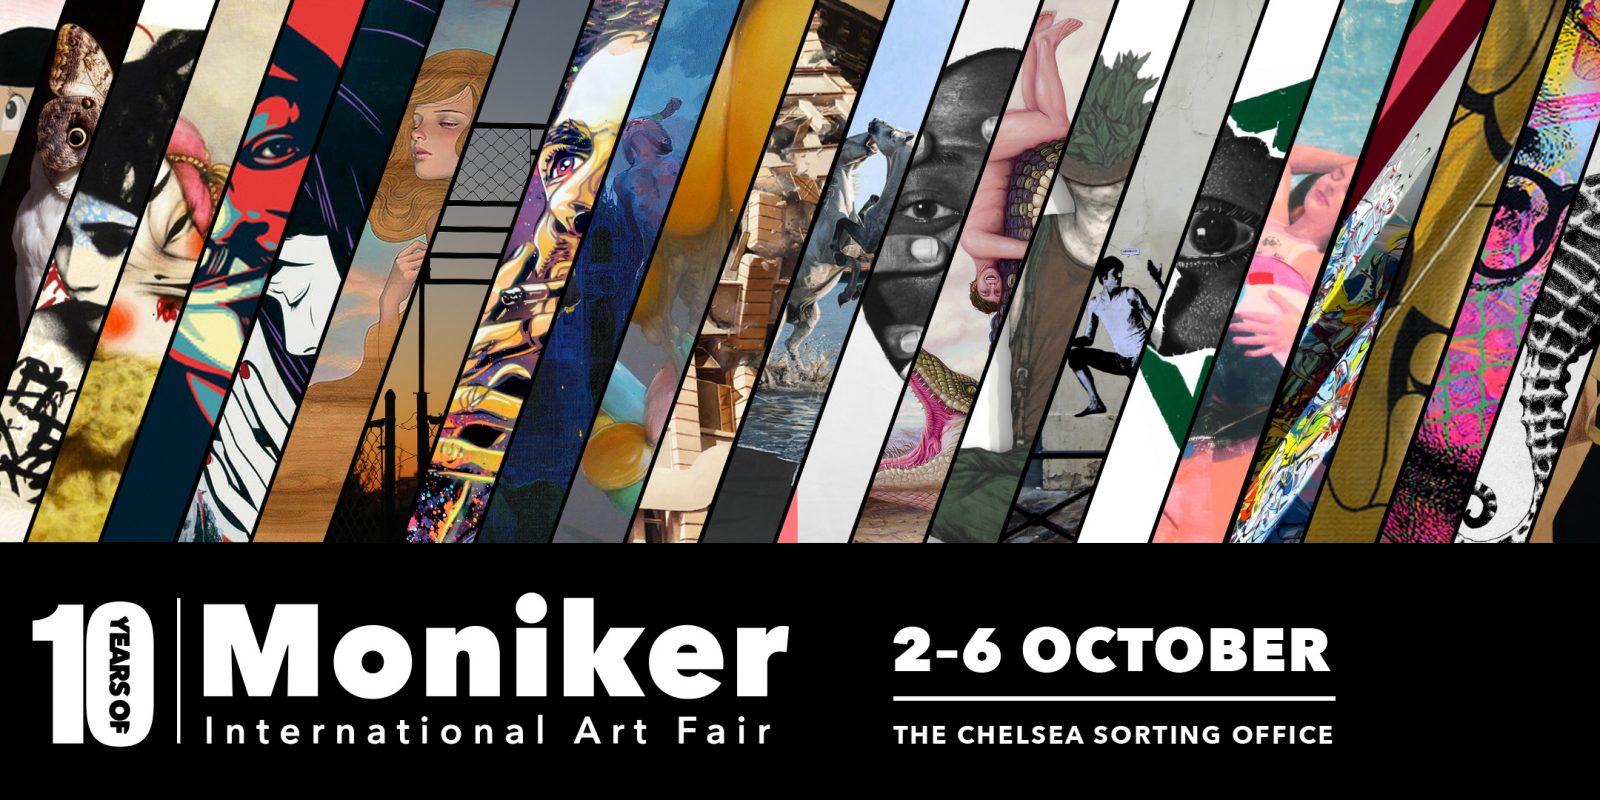 Moniker Art Fair 2019